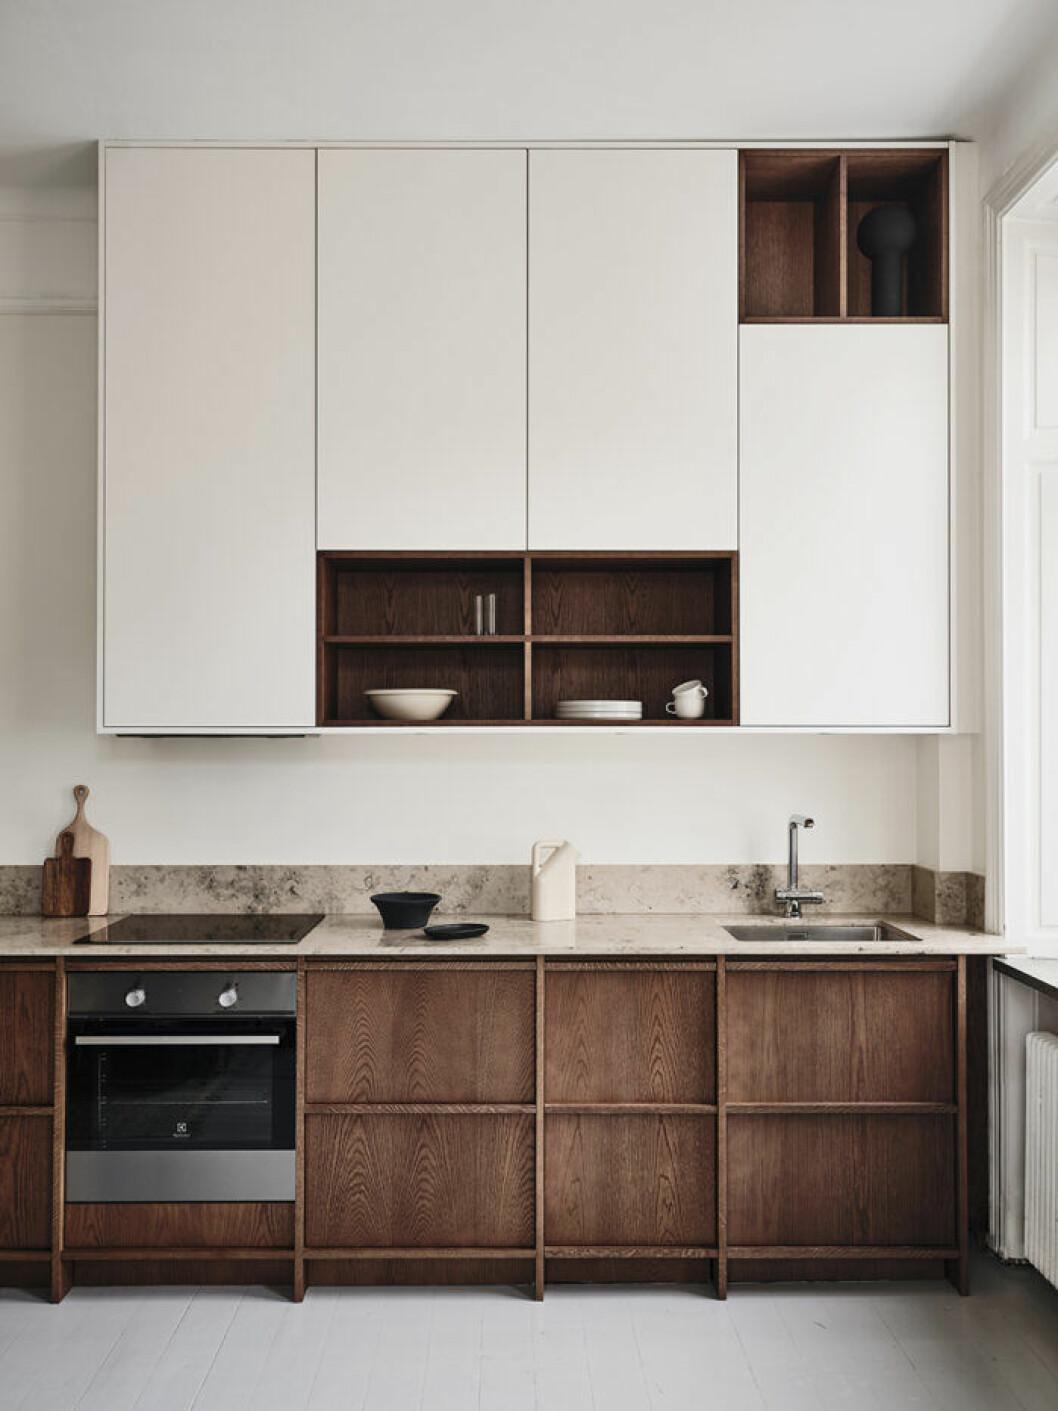 Nordiska Kök har skapat två platsbyggda träkök i ek. The Urban Oak, är det moderna alternativet med varm och ombonad känsla.